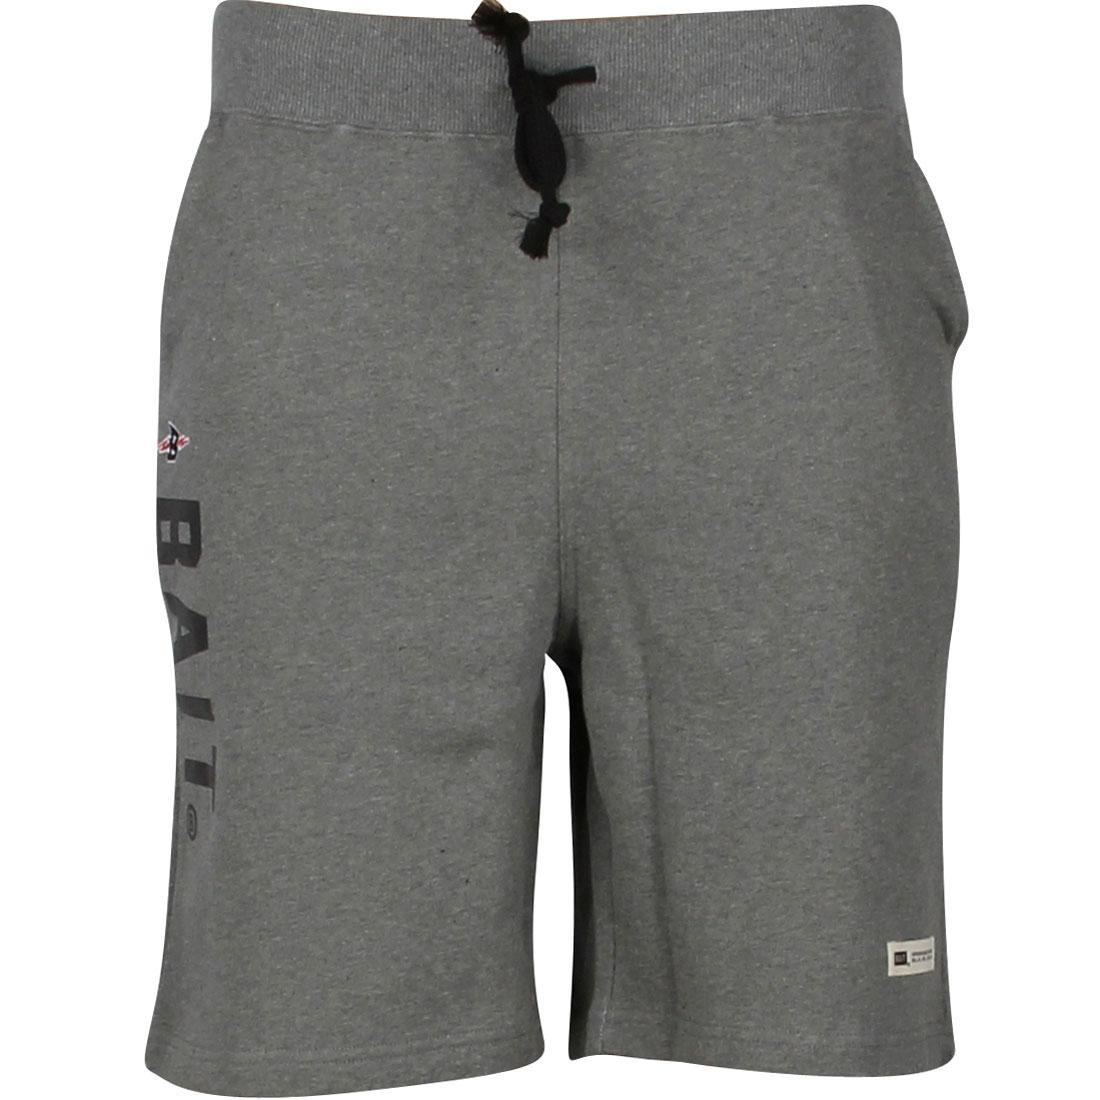 【海外限定】スウェット ショーツ ハーフパンツ パンツ メンズファッション 【 SWEAT BAIT BASICS SHORTS GRAY 】